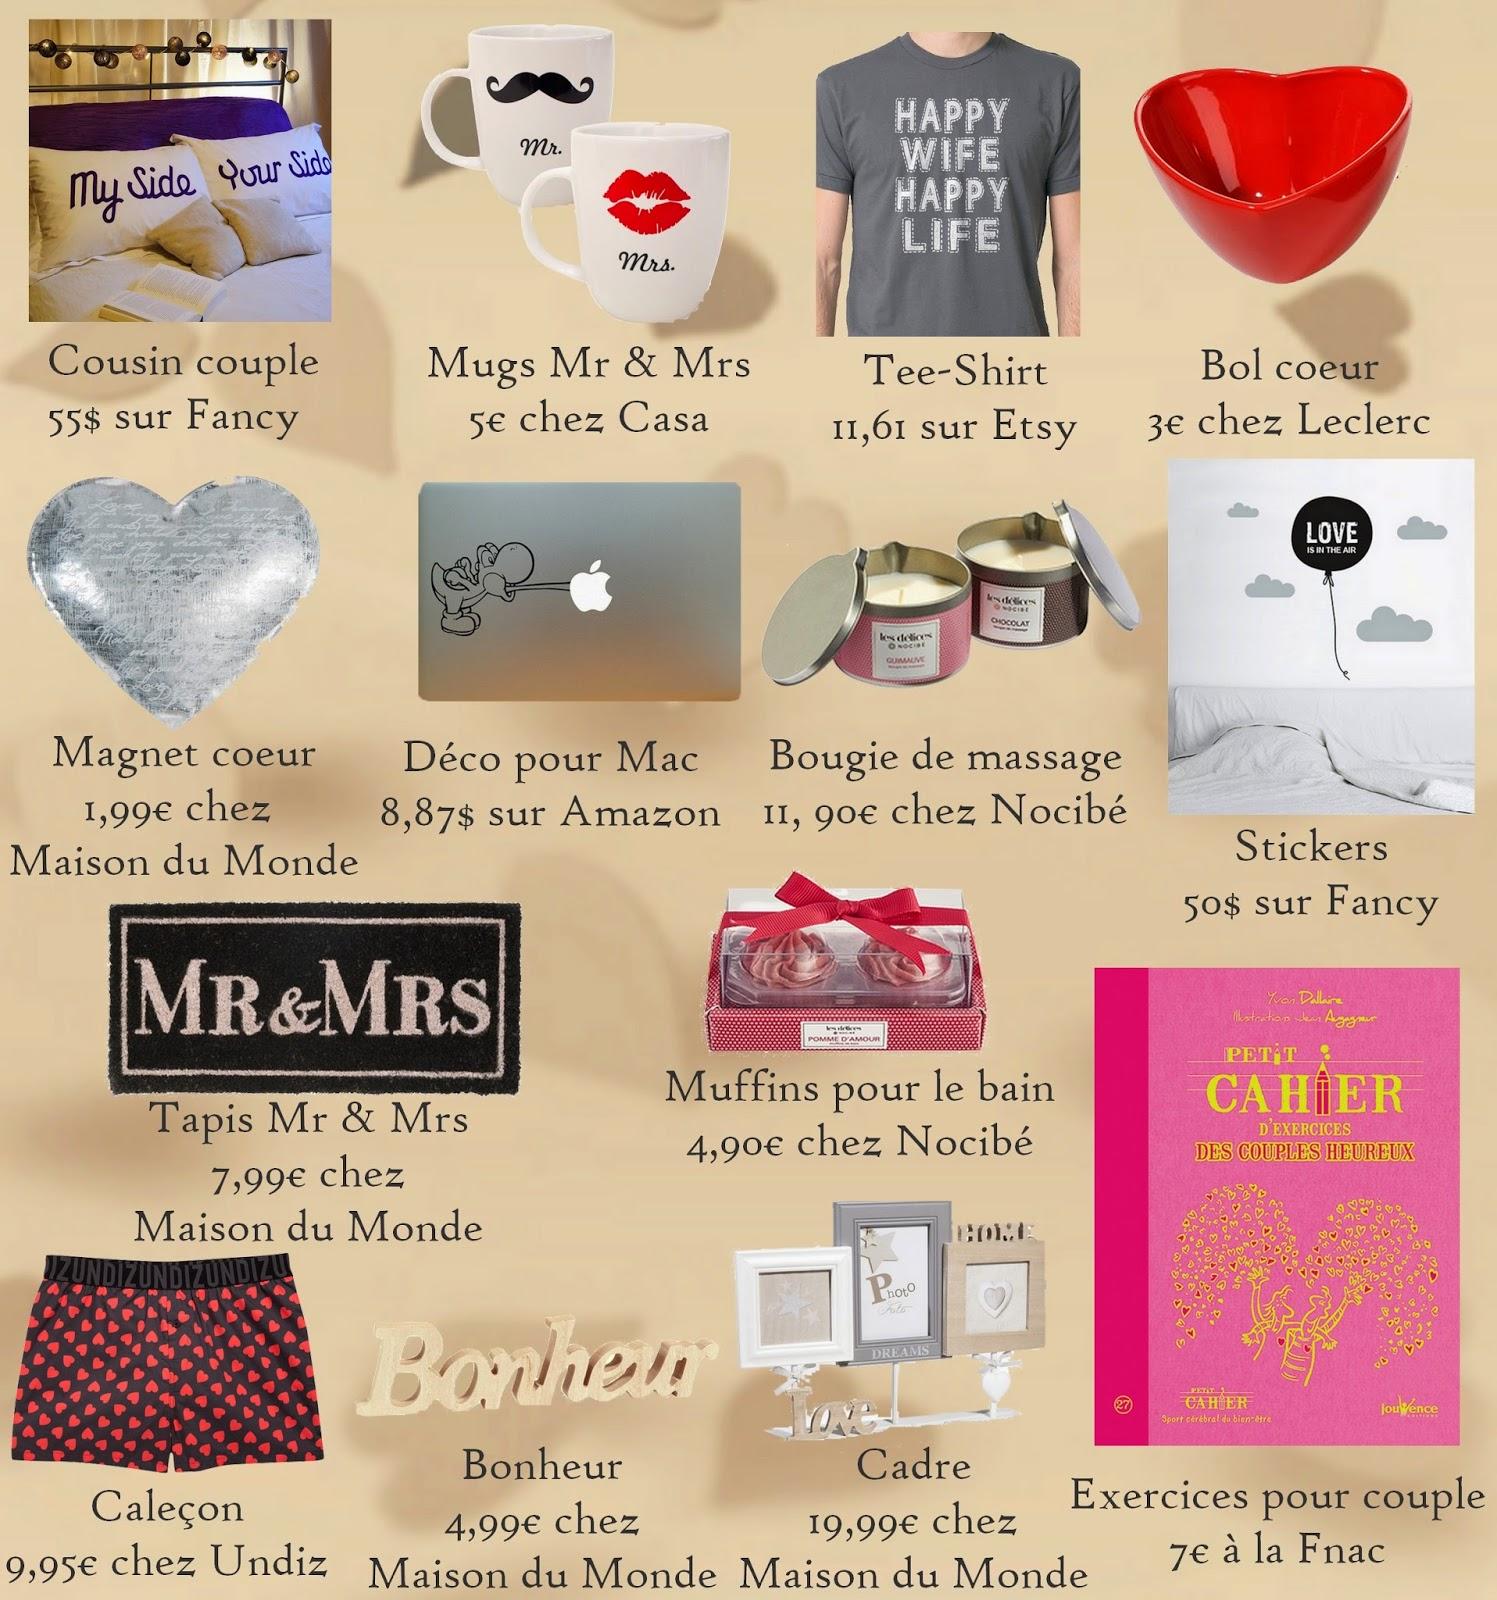 Idee cadeau couple 1 an – Cadeaux de Noël populaires 0acfce7f84c